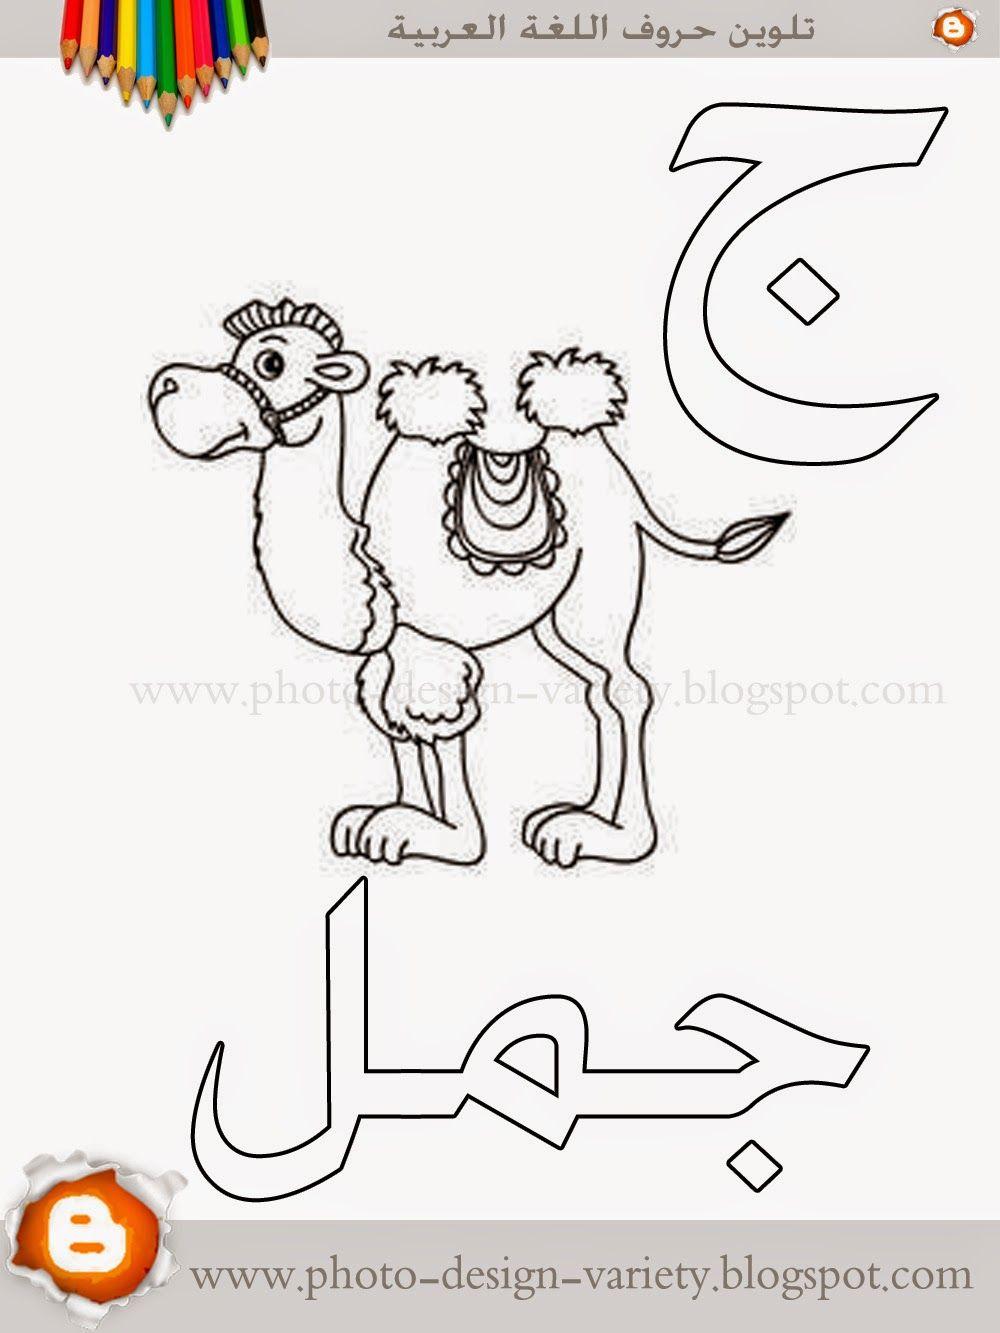 ألبومات صور منوعة البوم تلوين صور حروف هجاء اللغة العربية مع الأمثلة Arabic Alphabet Alphabet Crafts Alphabet Coloring Pages